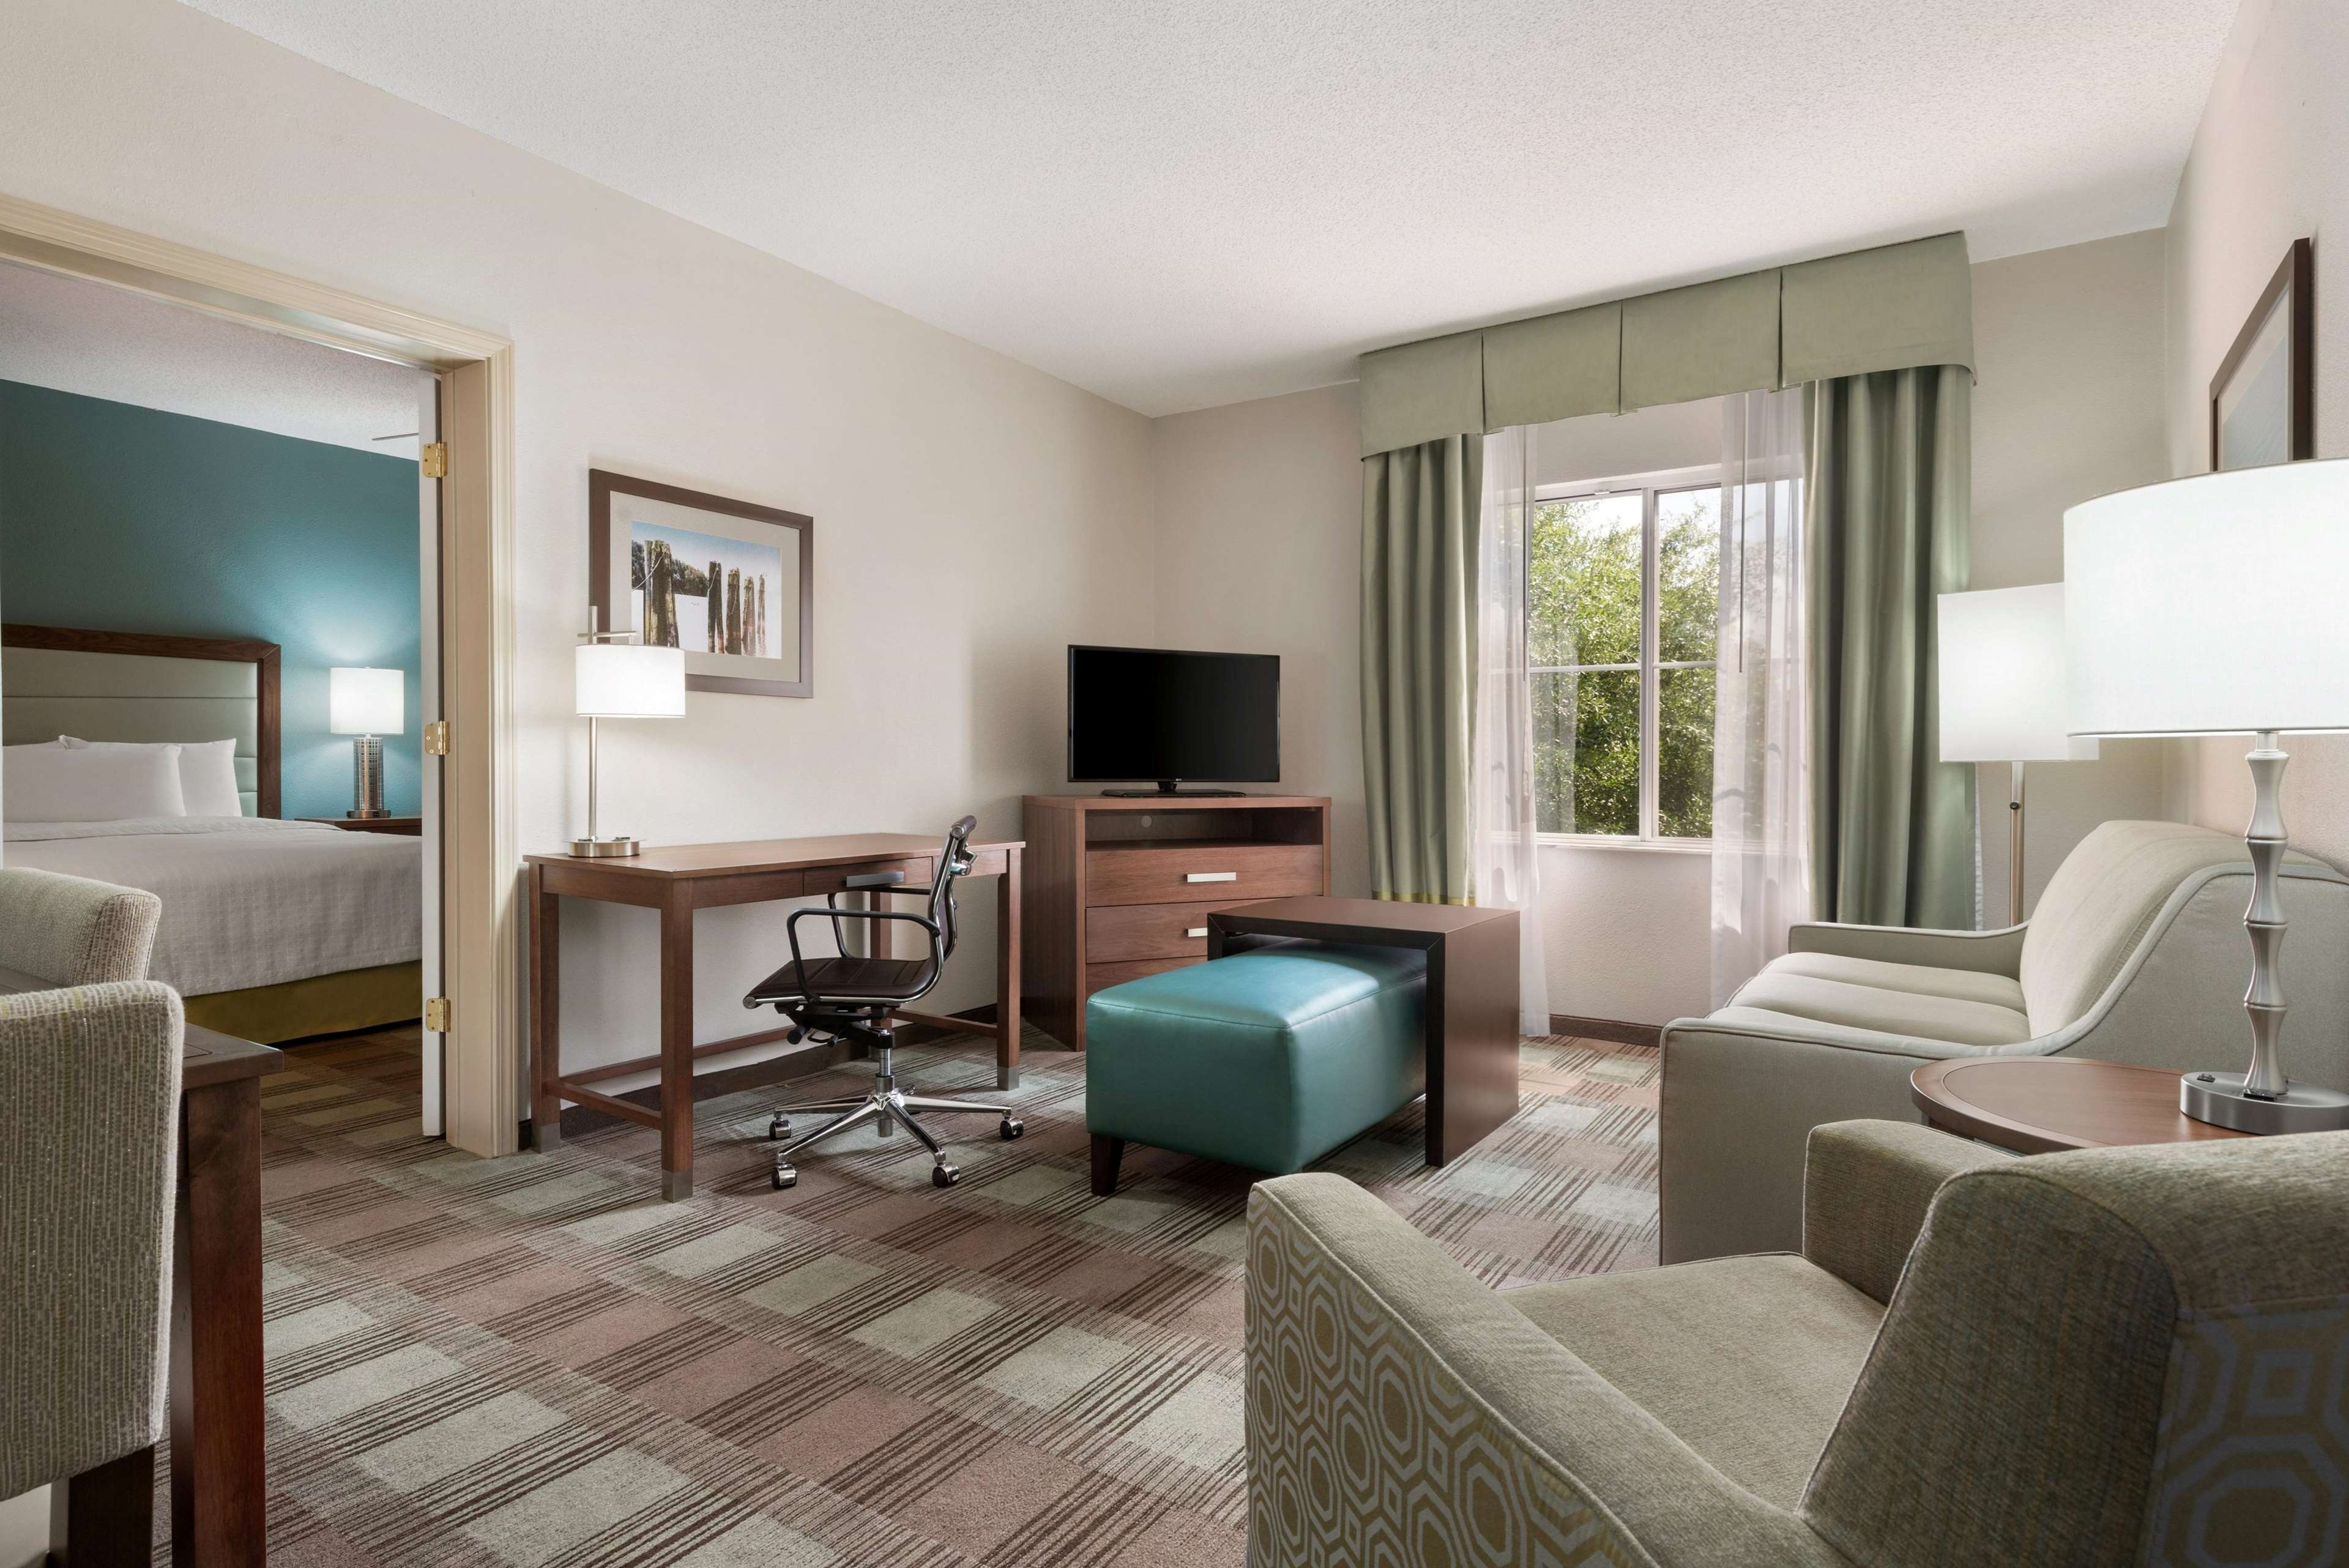 Homewood Suites by Hilton Charleston - Mt. Pleasant image 24